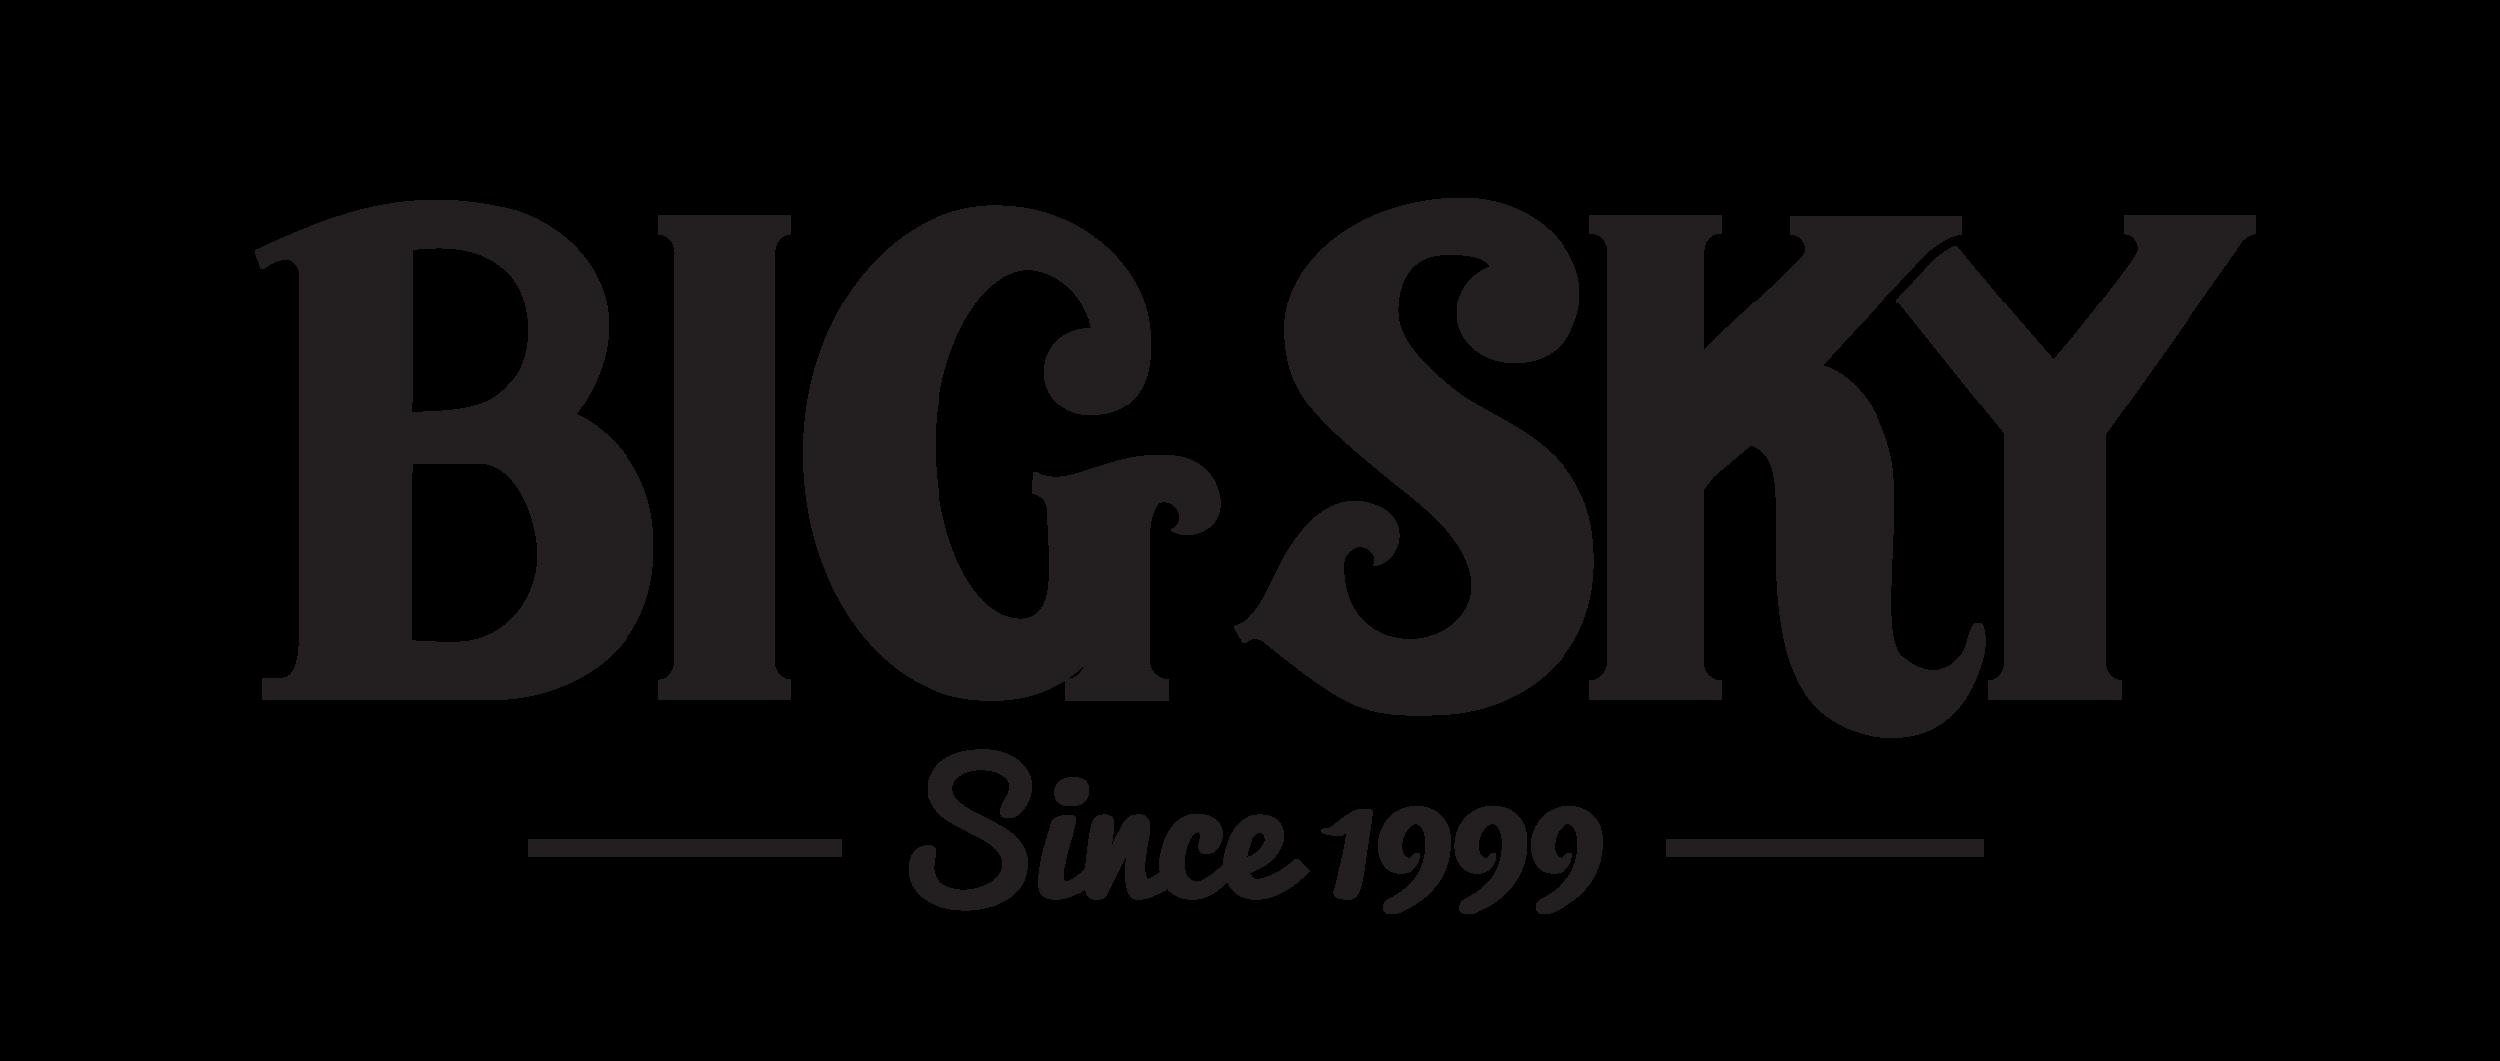 big sky logo 2017.png